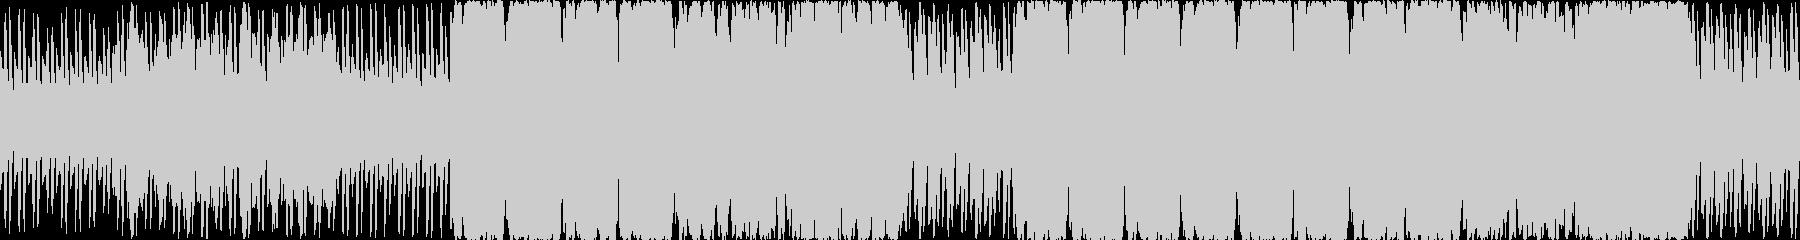 オーケストラ調の朝方の雰囲気の曲の未再生の波形